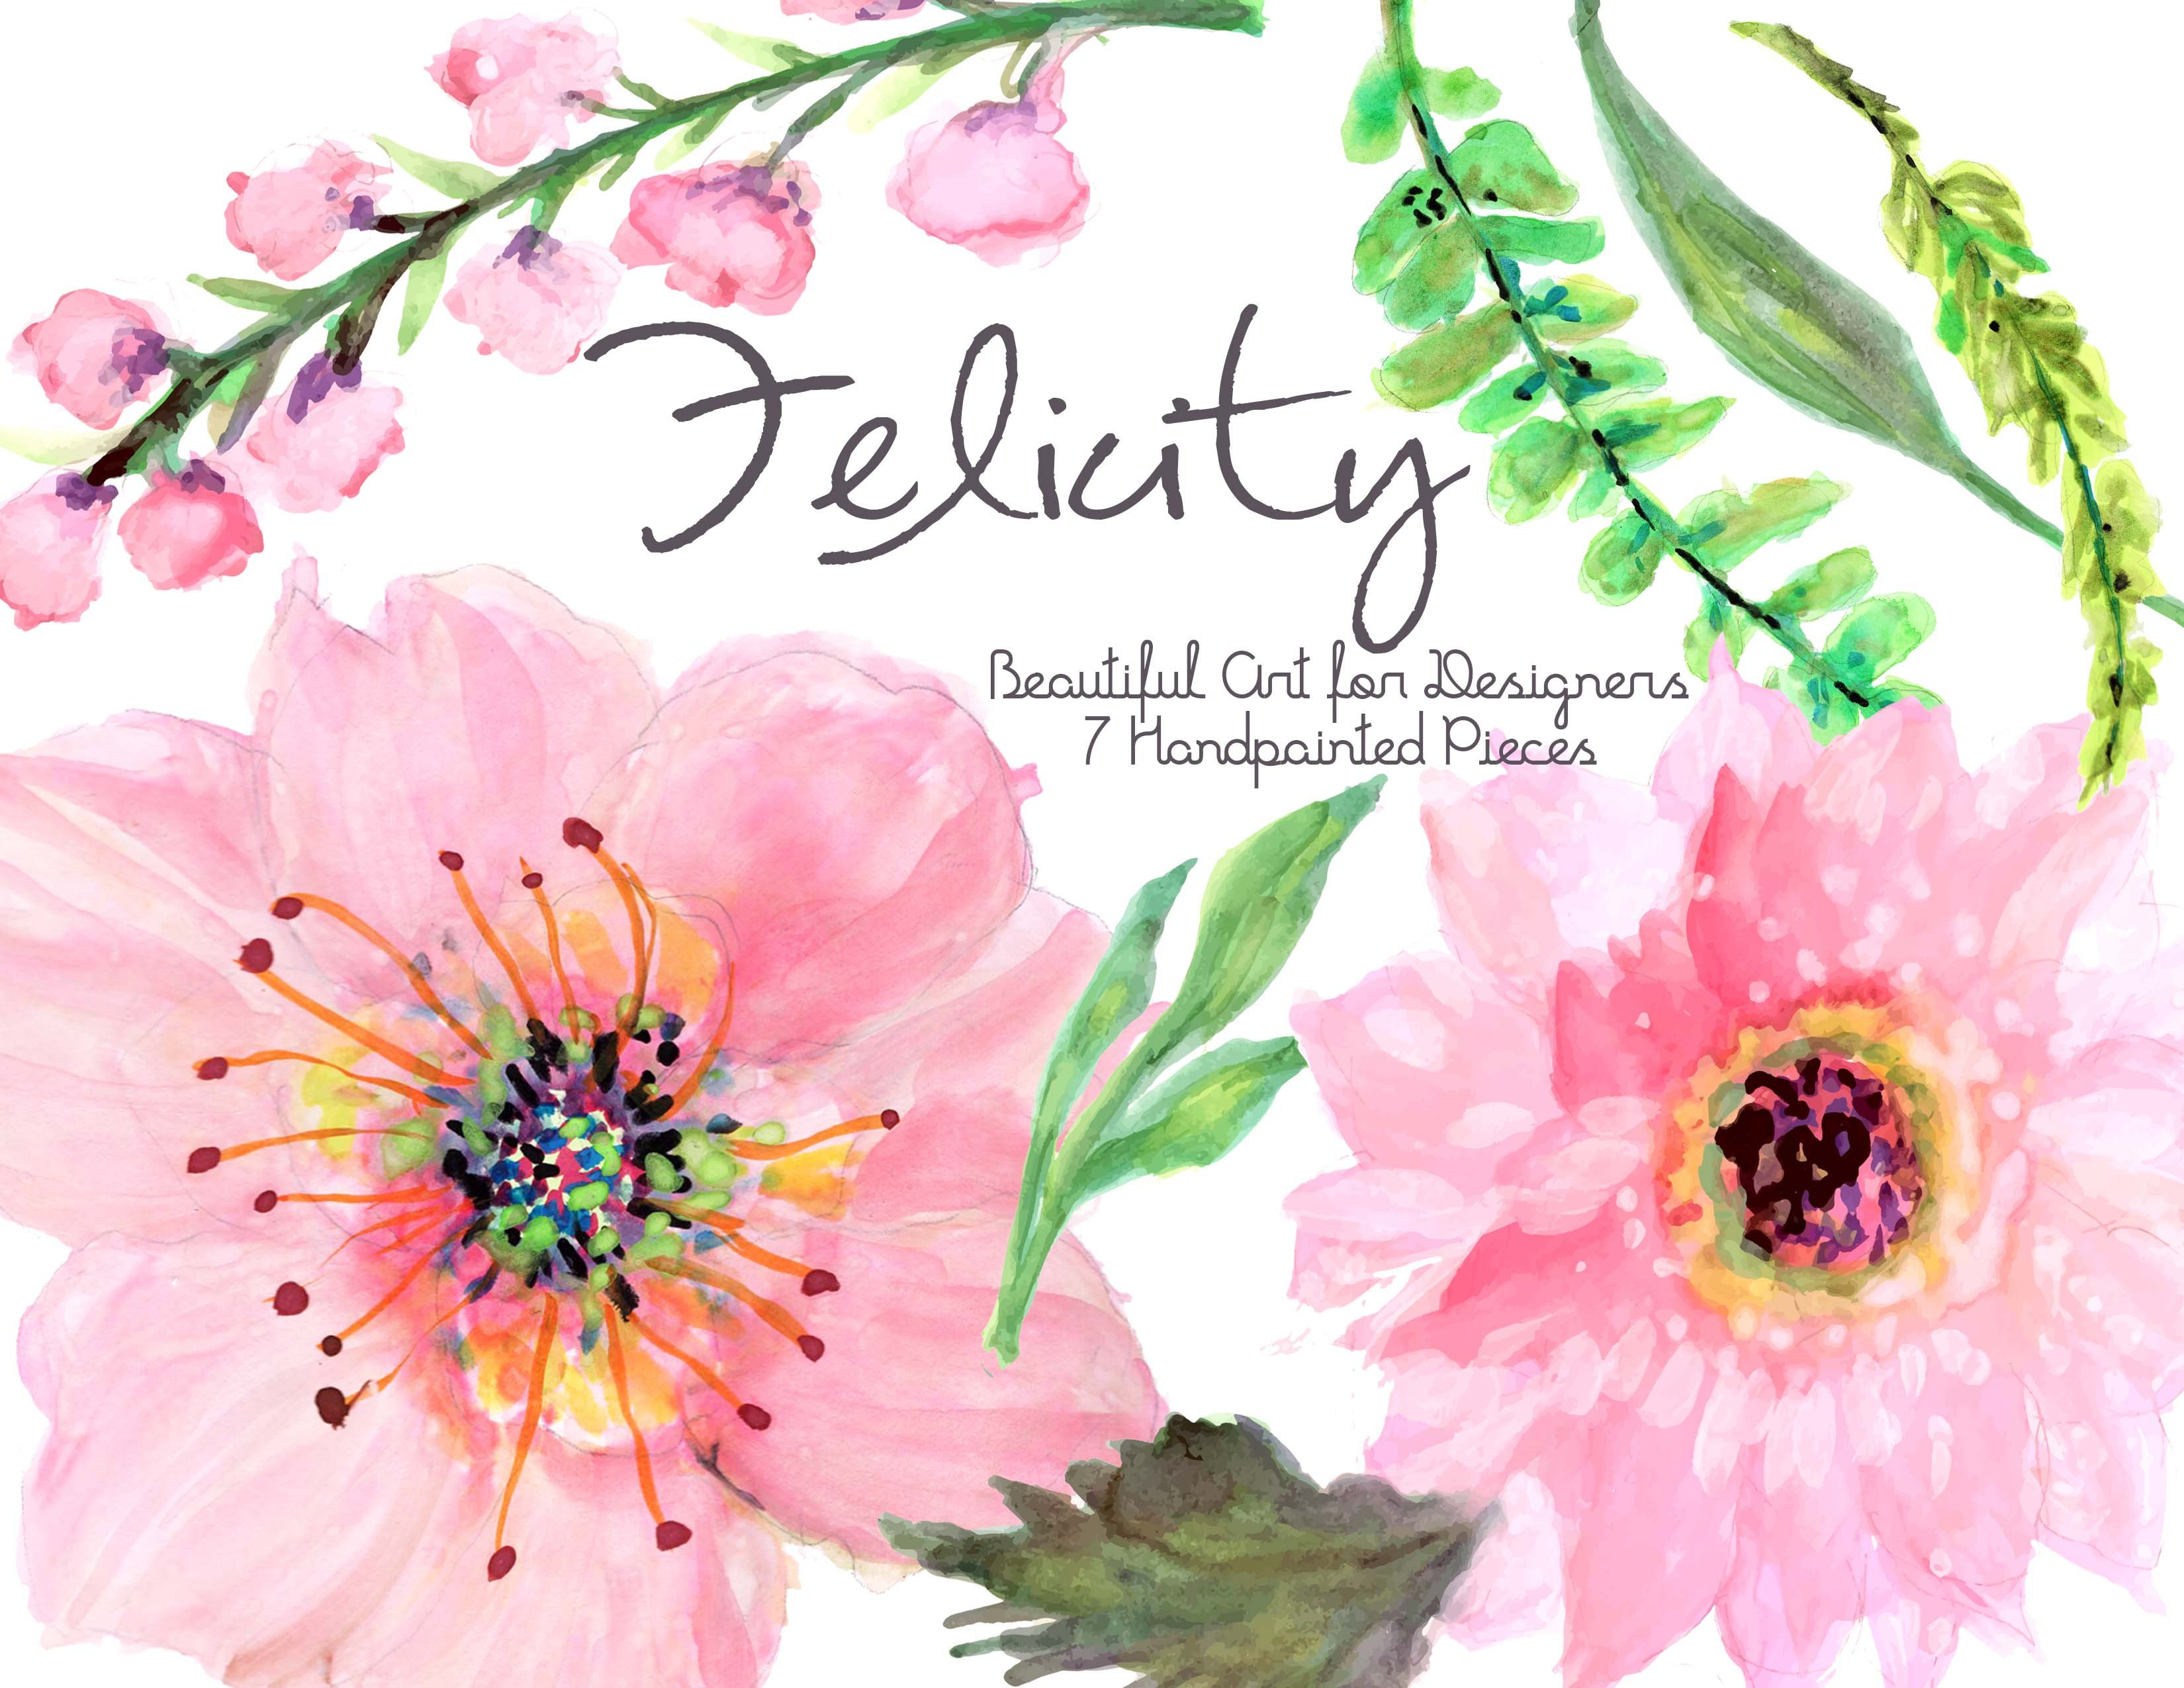 Handpainted Flowers Illustrations Creative Market